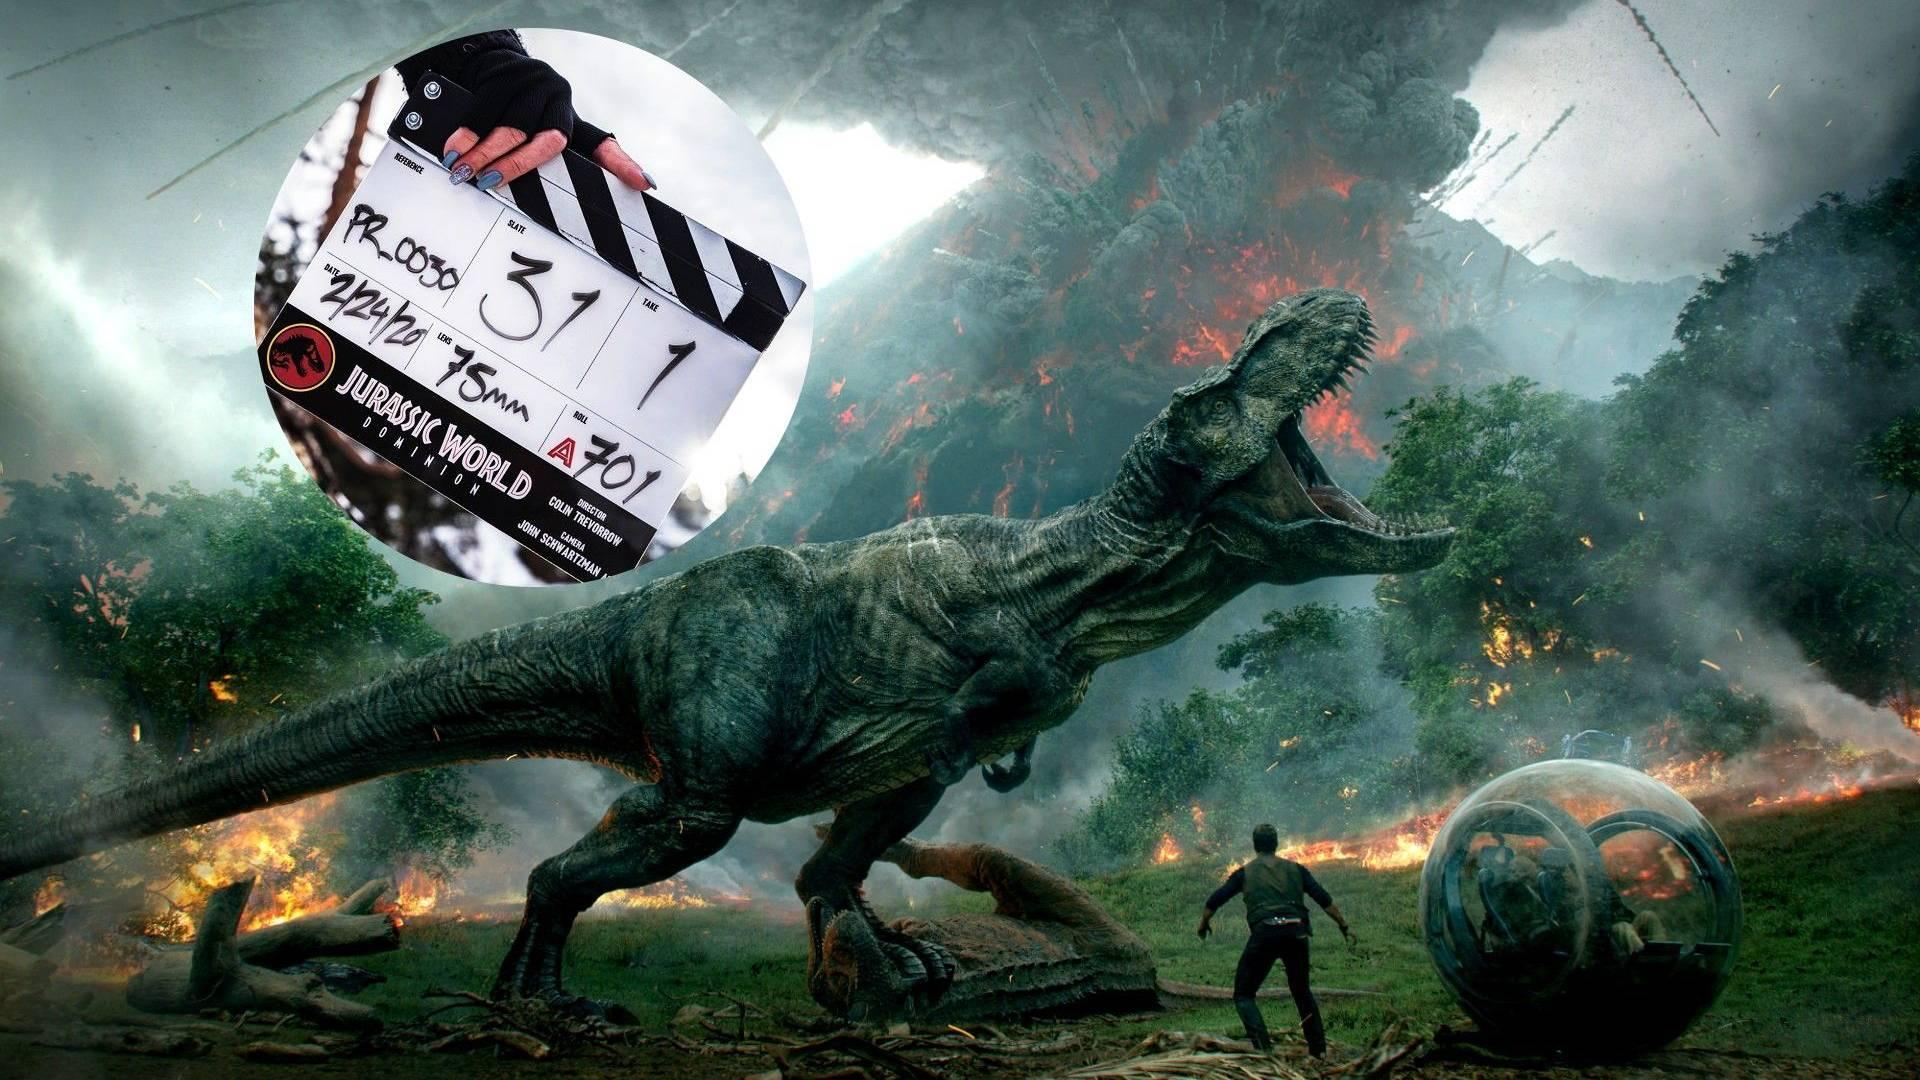 La secuela Jurassic World: Dominion arranca rodaje con Colin Trevorrow